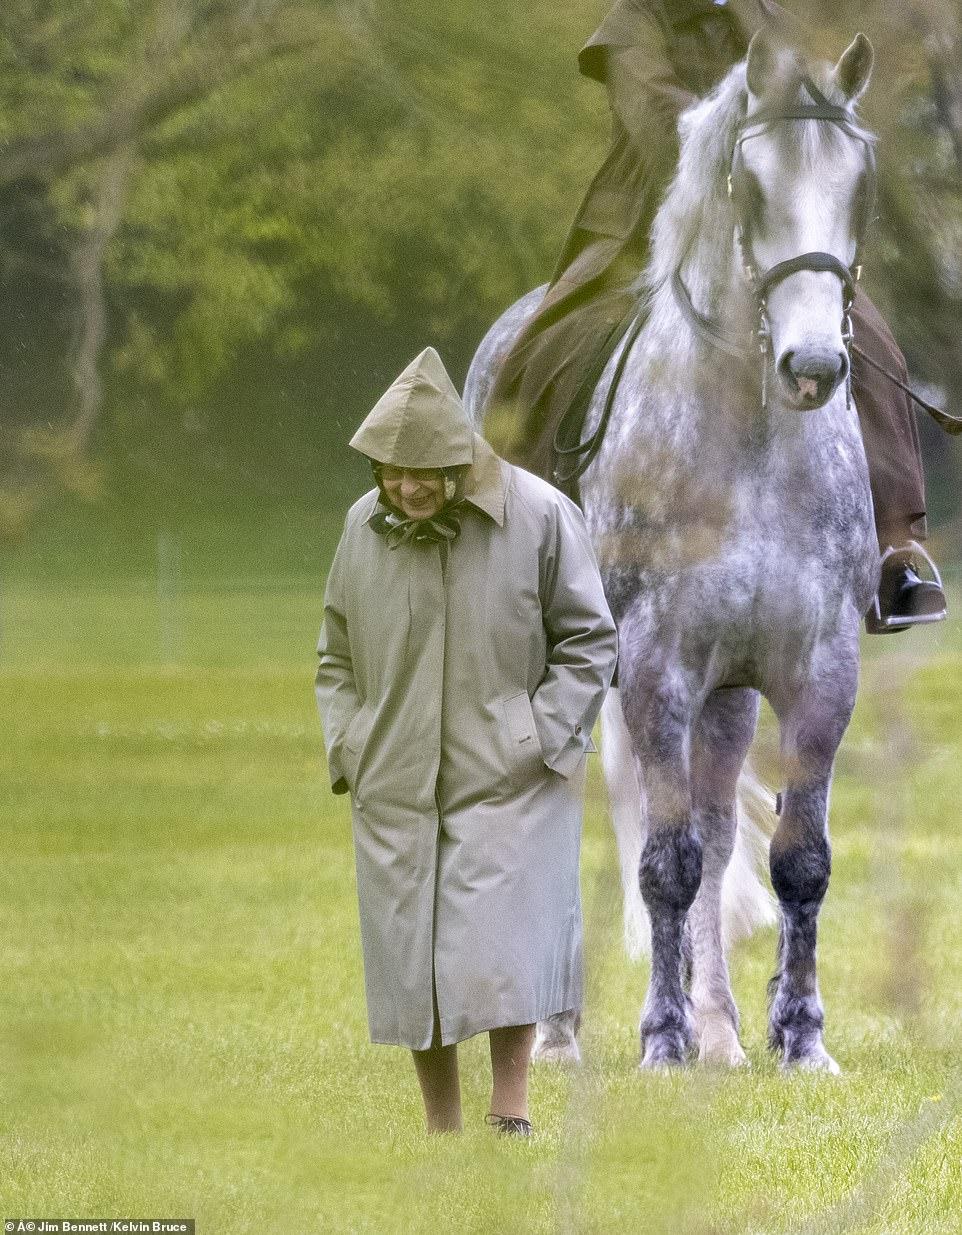 الملكة تتفقد خيول زوجها الامير فيلب